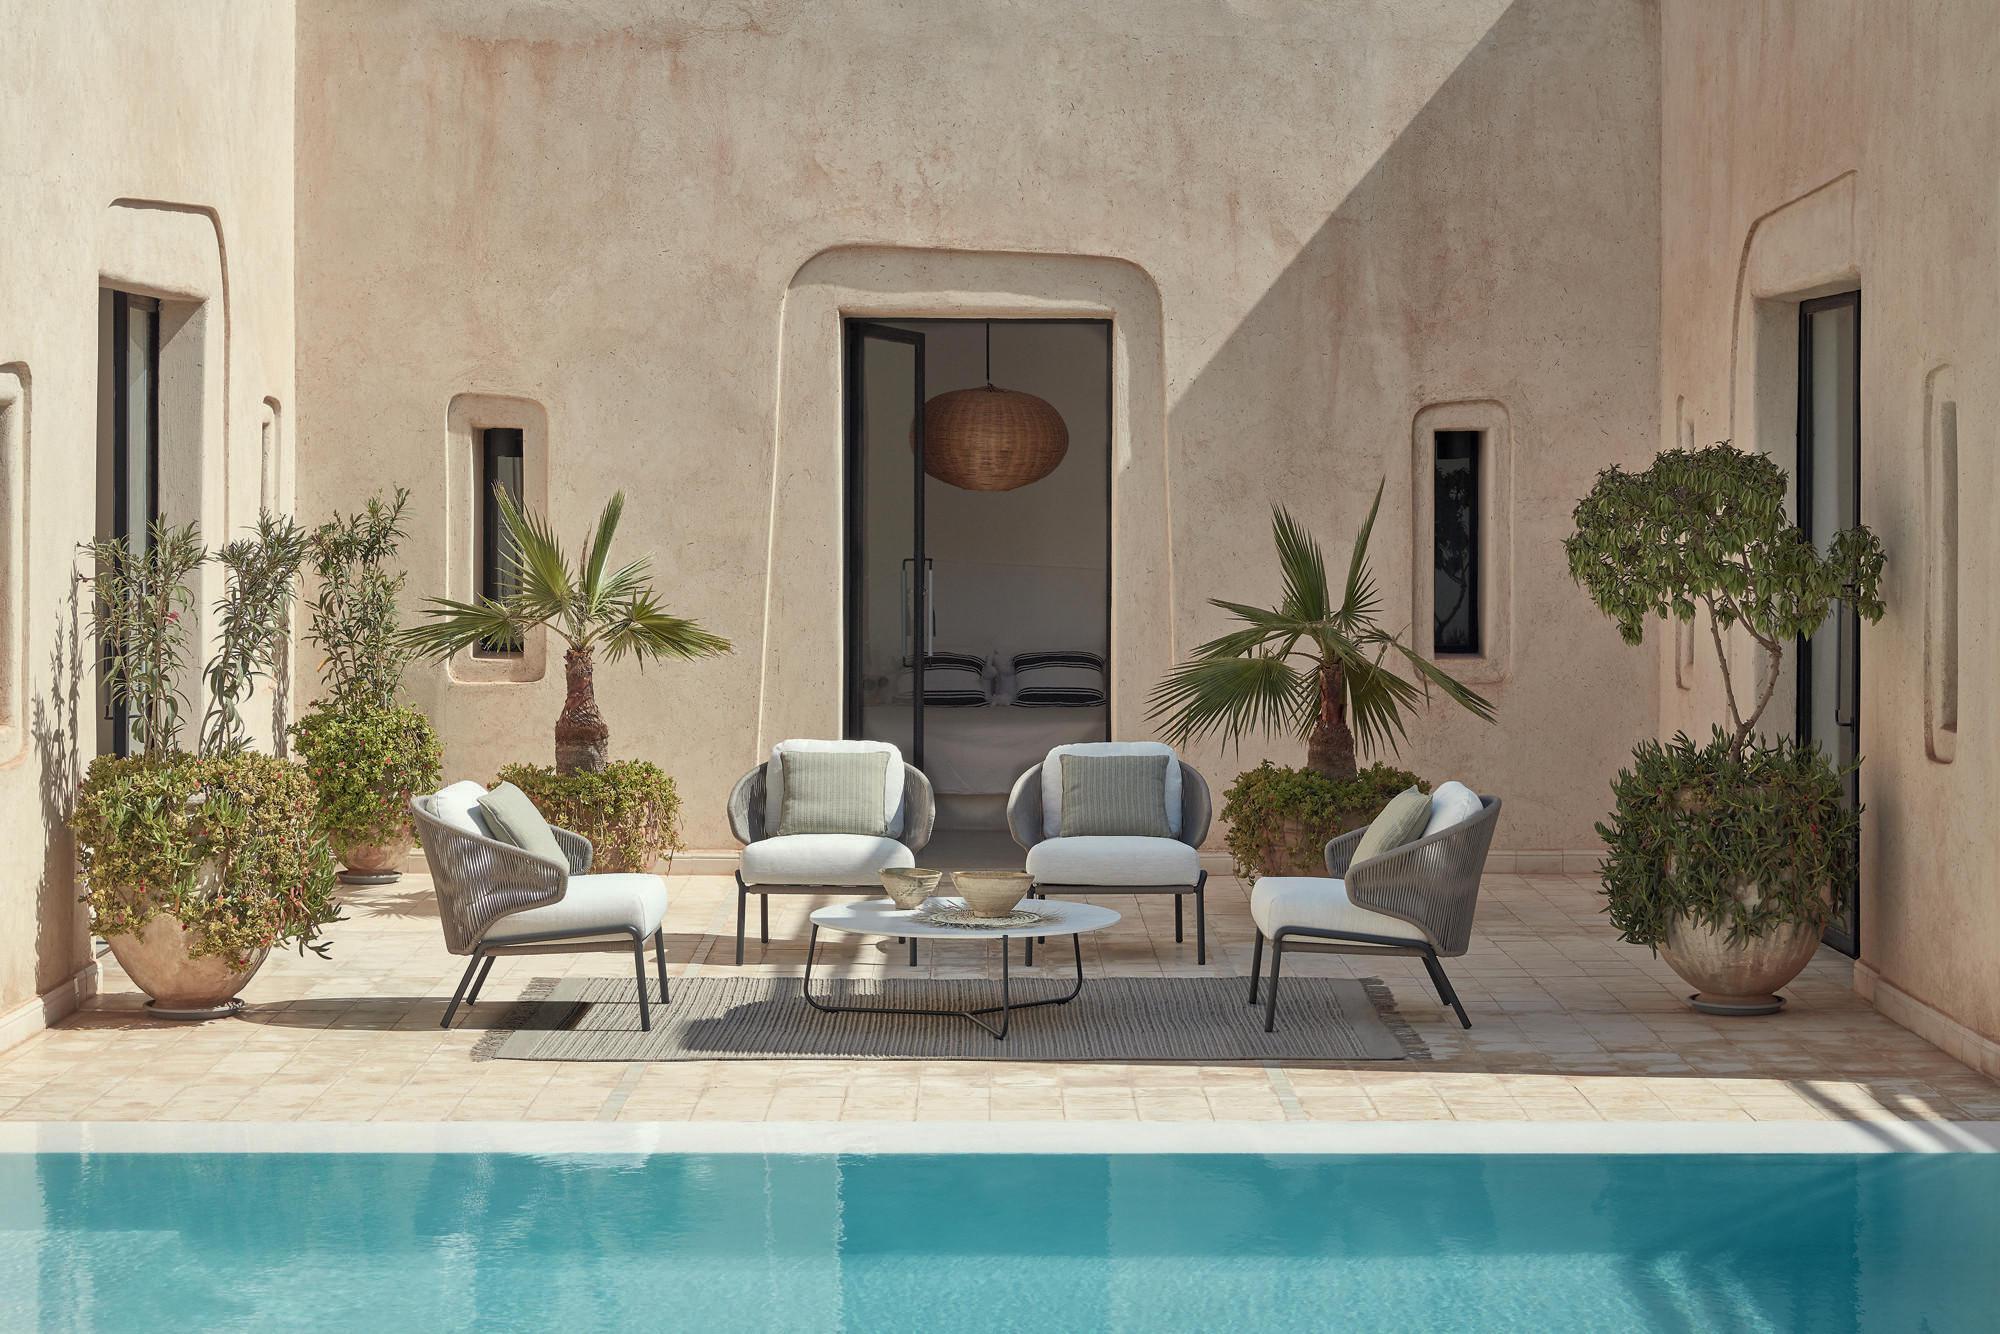 Radius fauteuil avec Mood table d'appoint sur une petite terrasse